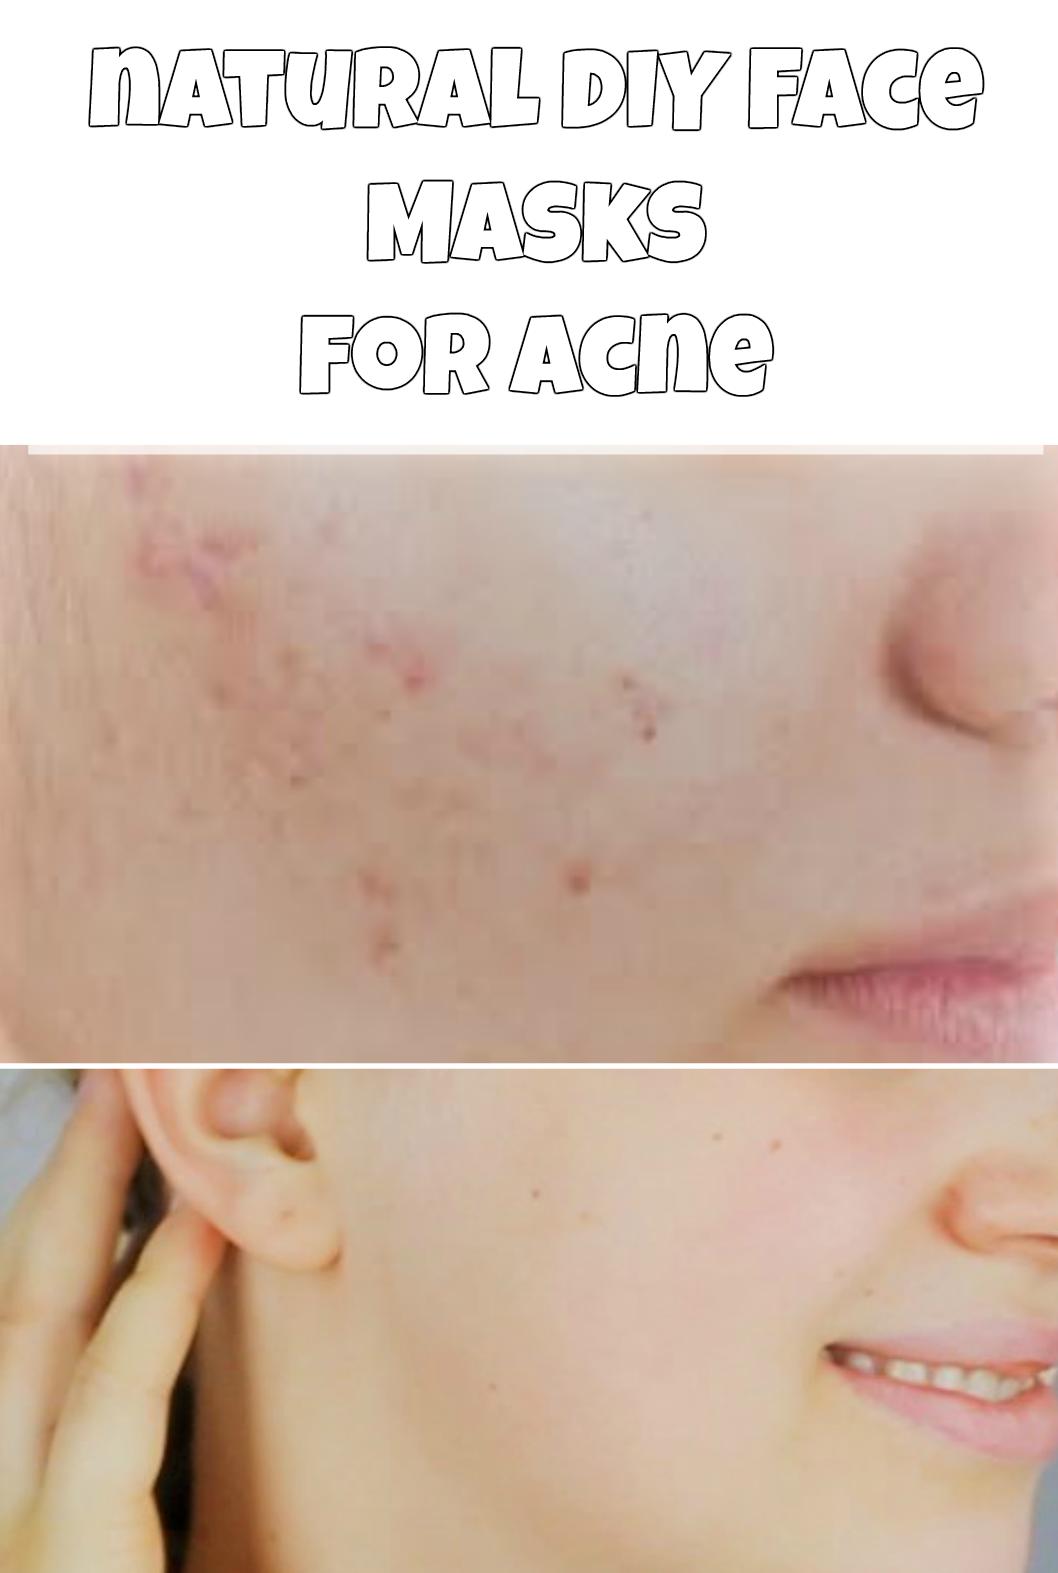 Natural diy face masks for acne diy do it yourself homemade natural diy face masks for acne diy do it yourself homemade face solutioingenieria Images